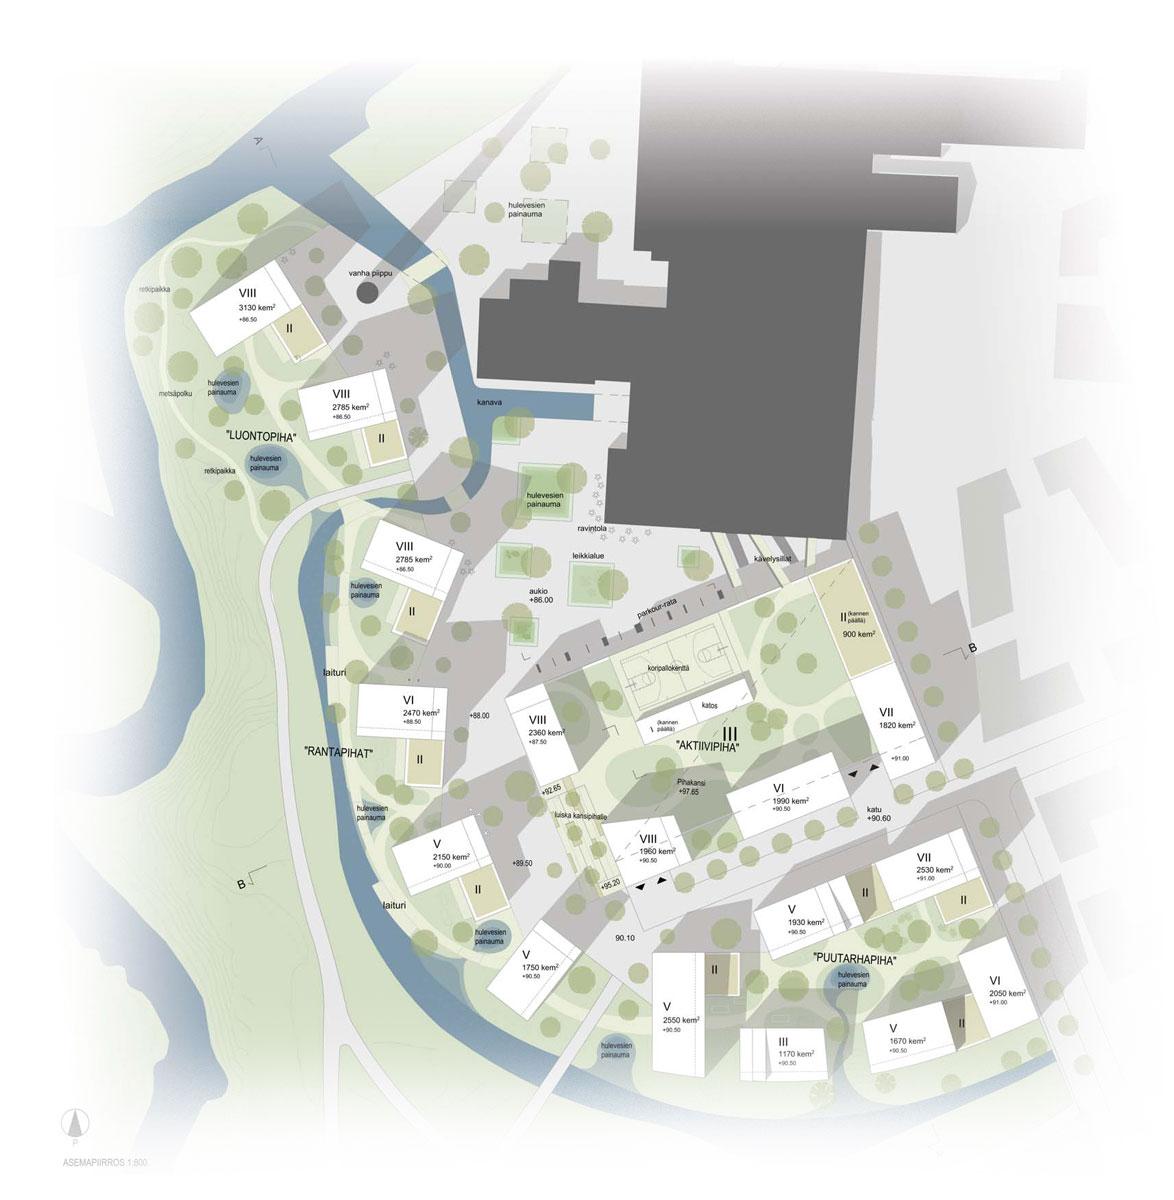 Arkkitehtuurikilpailuehdotus Kirjosiipi asemapiirros